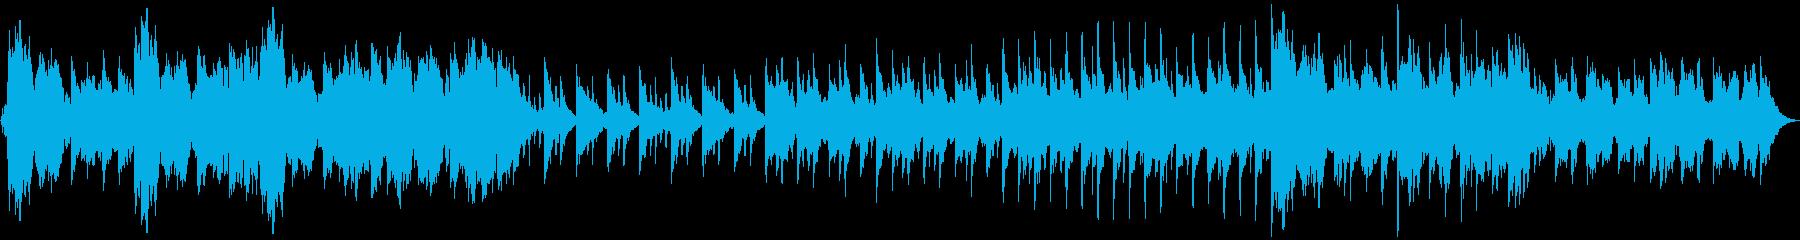 回想シーンなどに使えるBGM その2の再生済みの波形